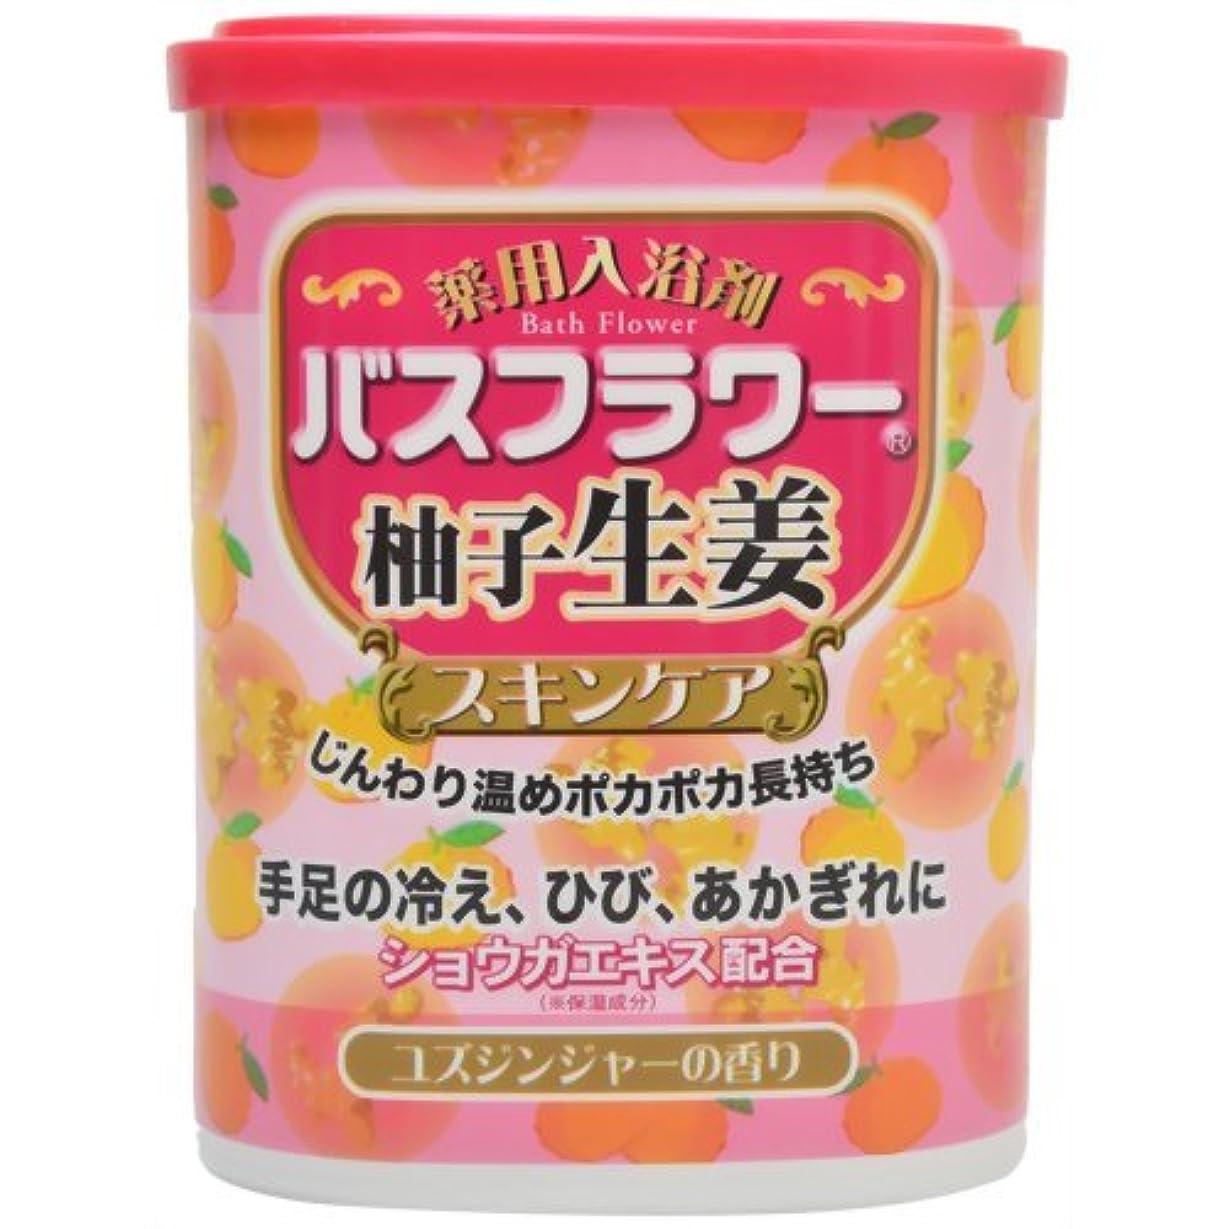 おそらく歩くアトミックバスフラワー 薬用入浴剤スキンケア柚子生姜 680g